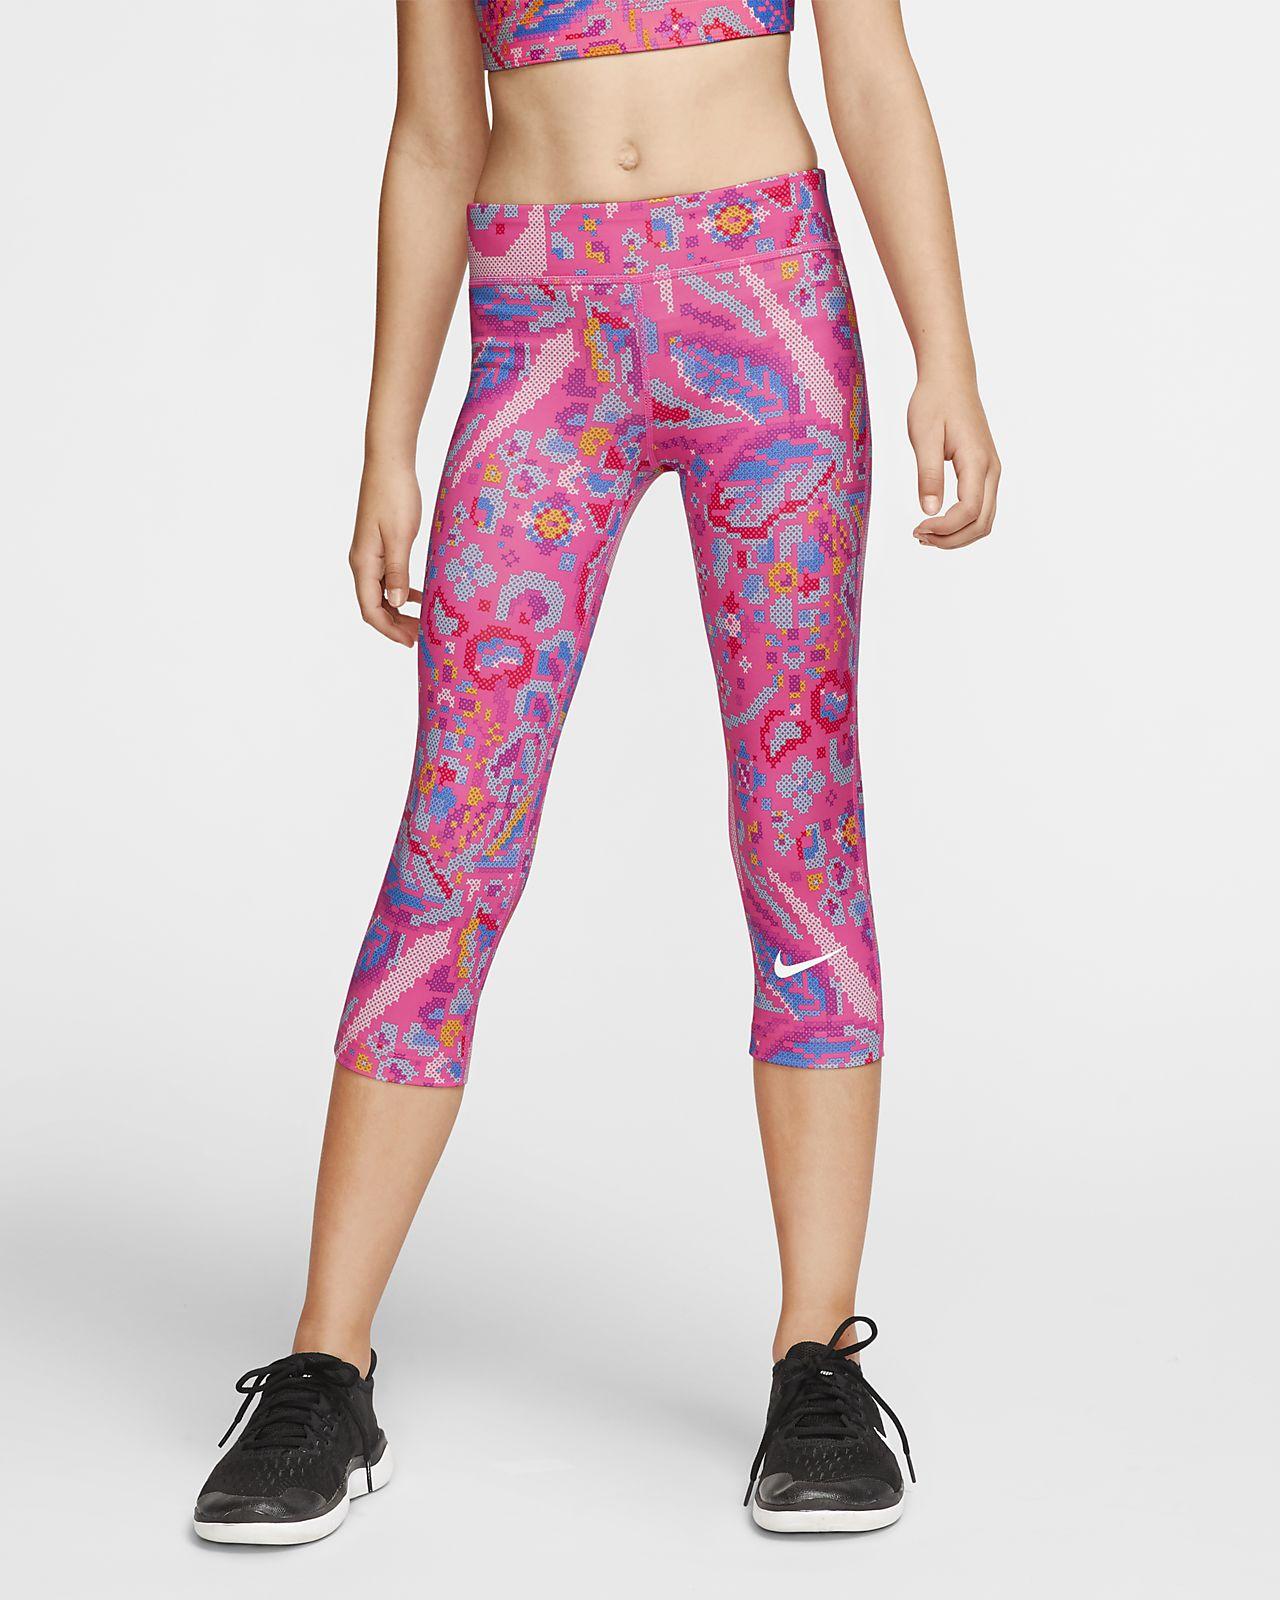 Nike One Pantalons capri - Nena